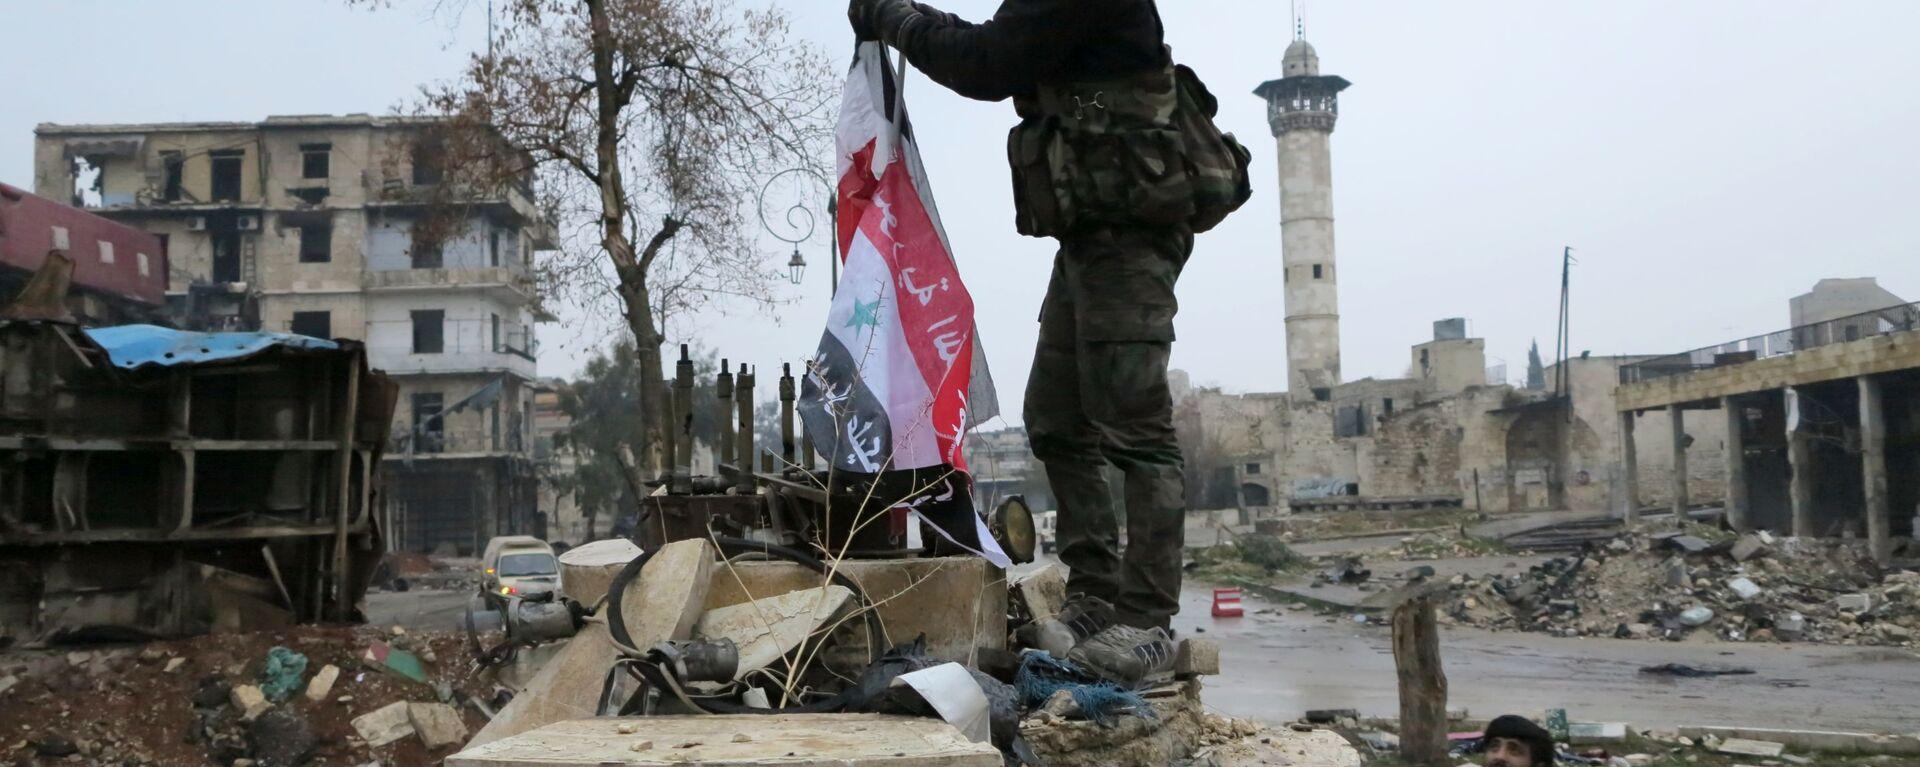 Военнослужащие в освобожденном квартале восточного Алеппо - Sputnik Latvija, 1920, 25.03.2021